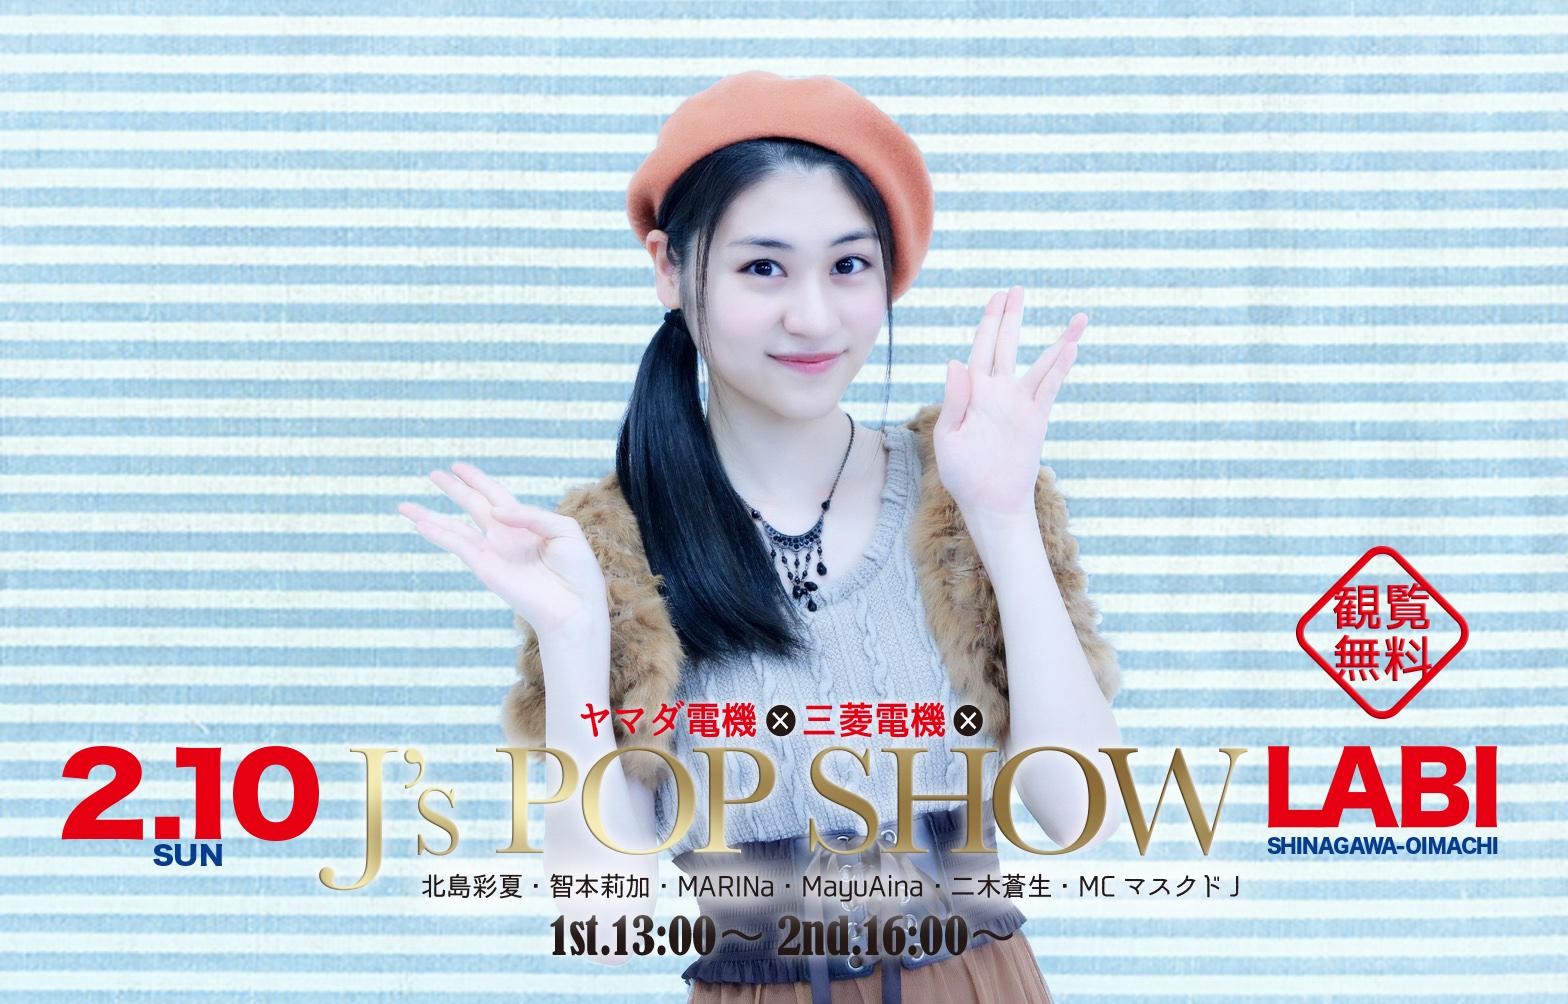 2/10(日)ヤマダ電機×三菱電機×J's POP SHOW